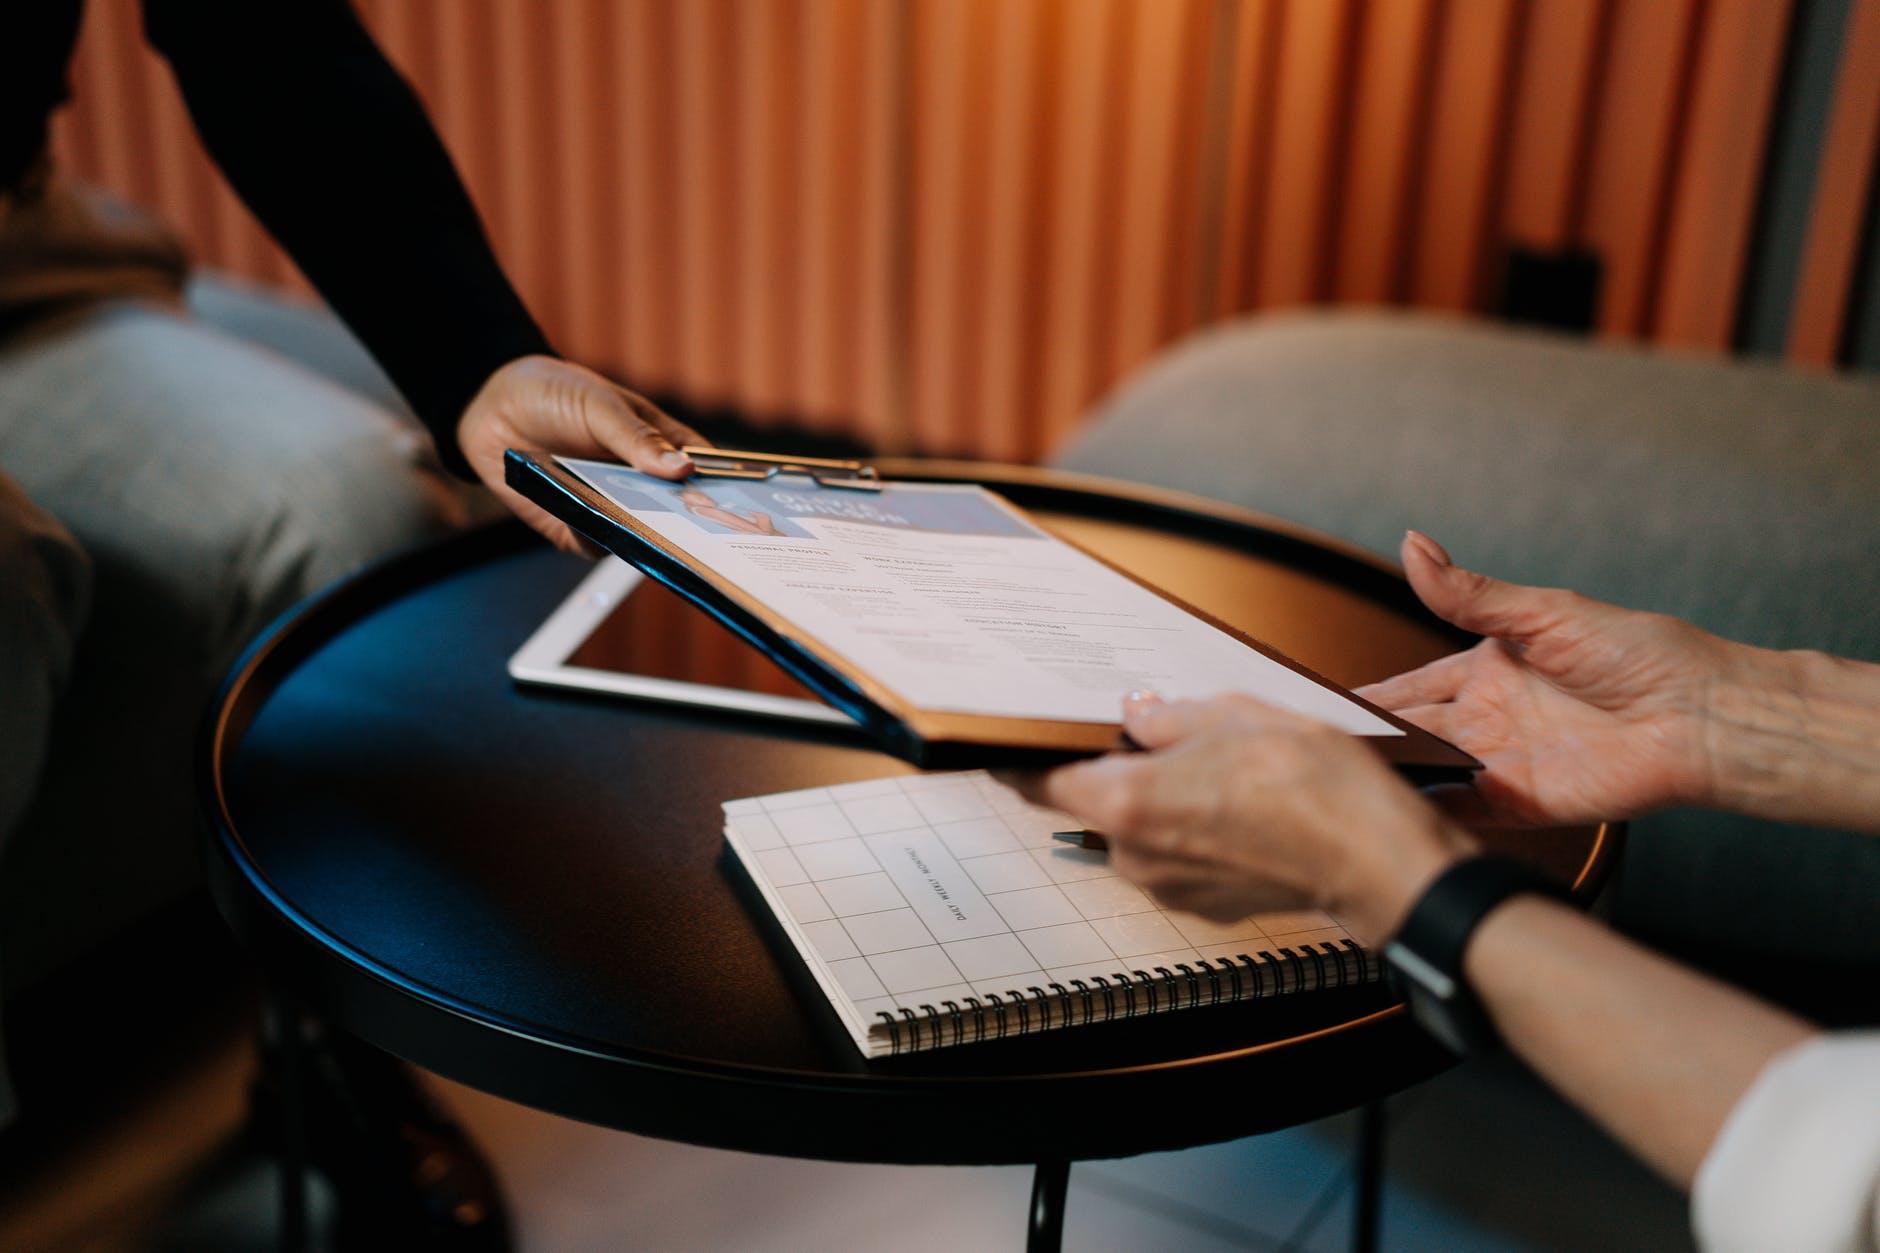 cara membuat CV gratis dan bagus pakai aplikasi online.